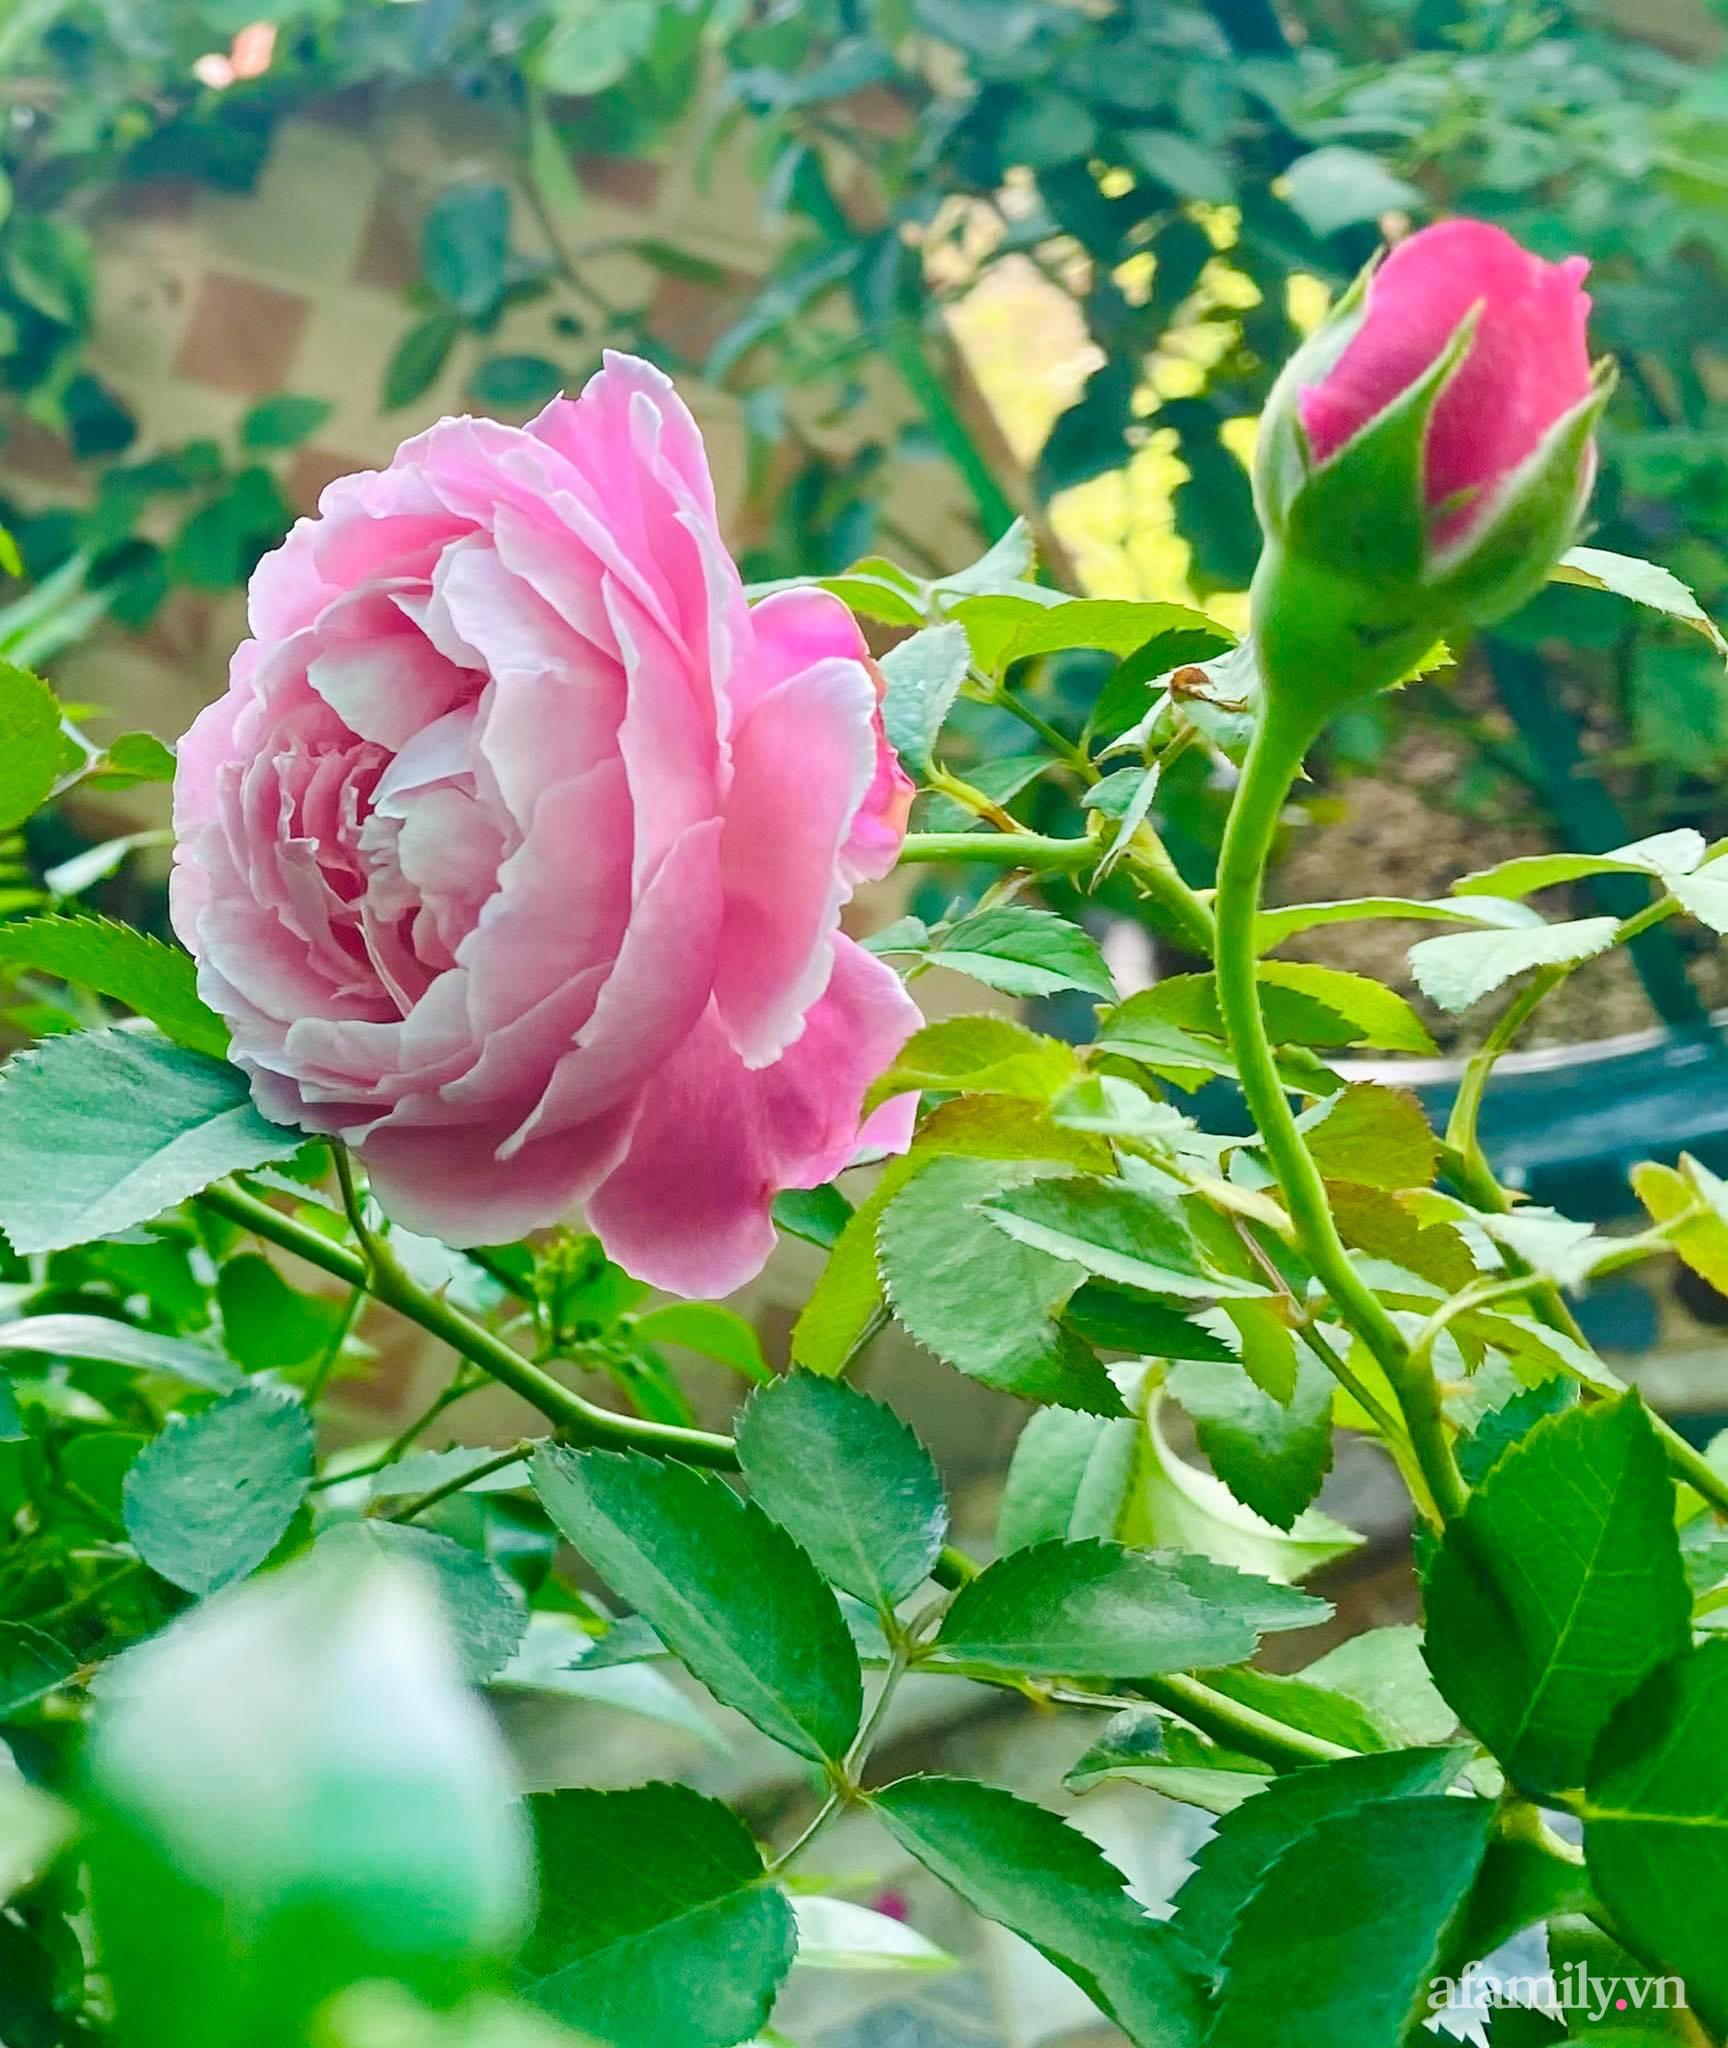 Sân thượng phủ kín hoa hồng và rau quả sạch ở Sài Gòn của Hoa hậu Janny Thủy Trần - ảnh 12